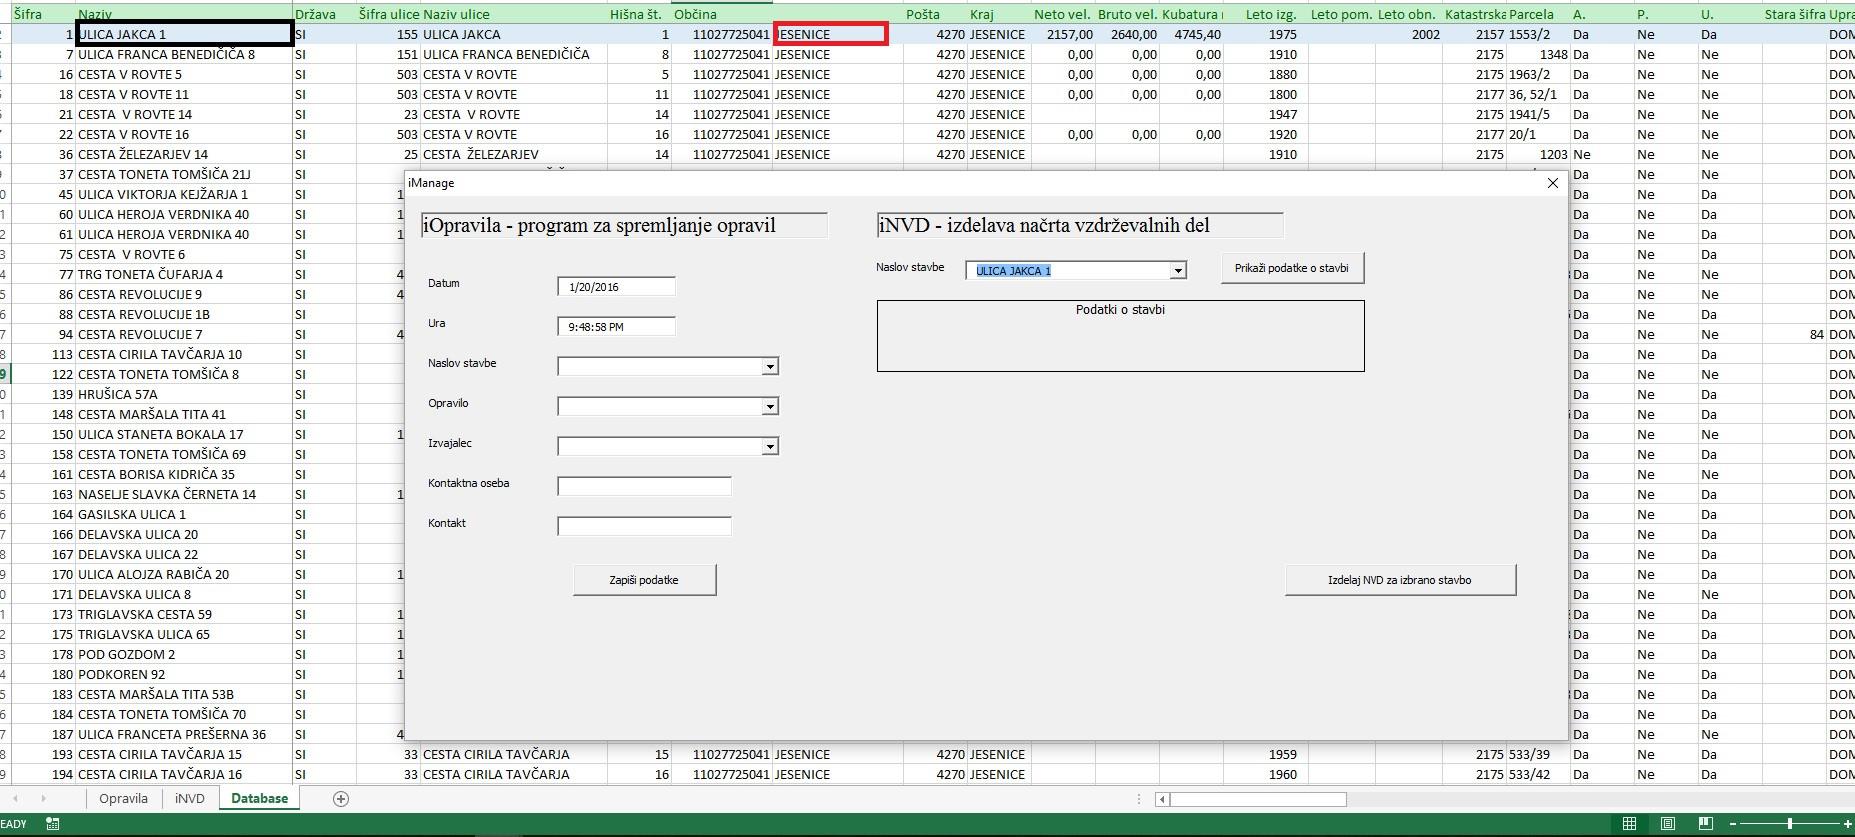 Excel Vba Applicationdex Start At 0